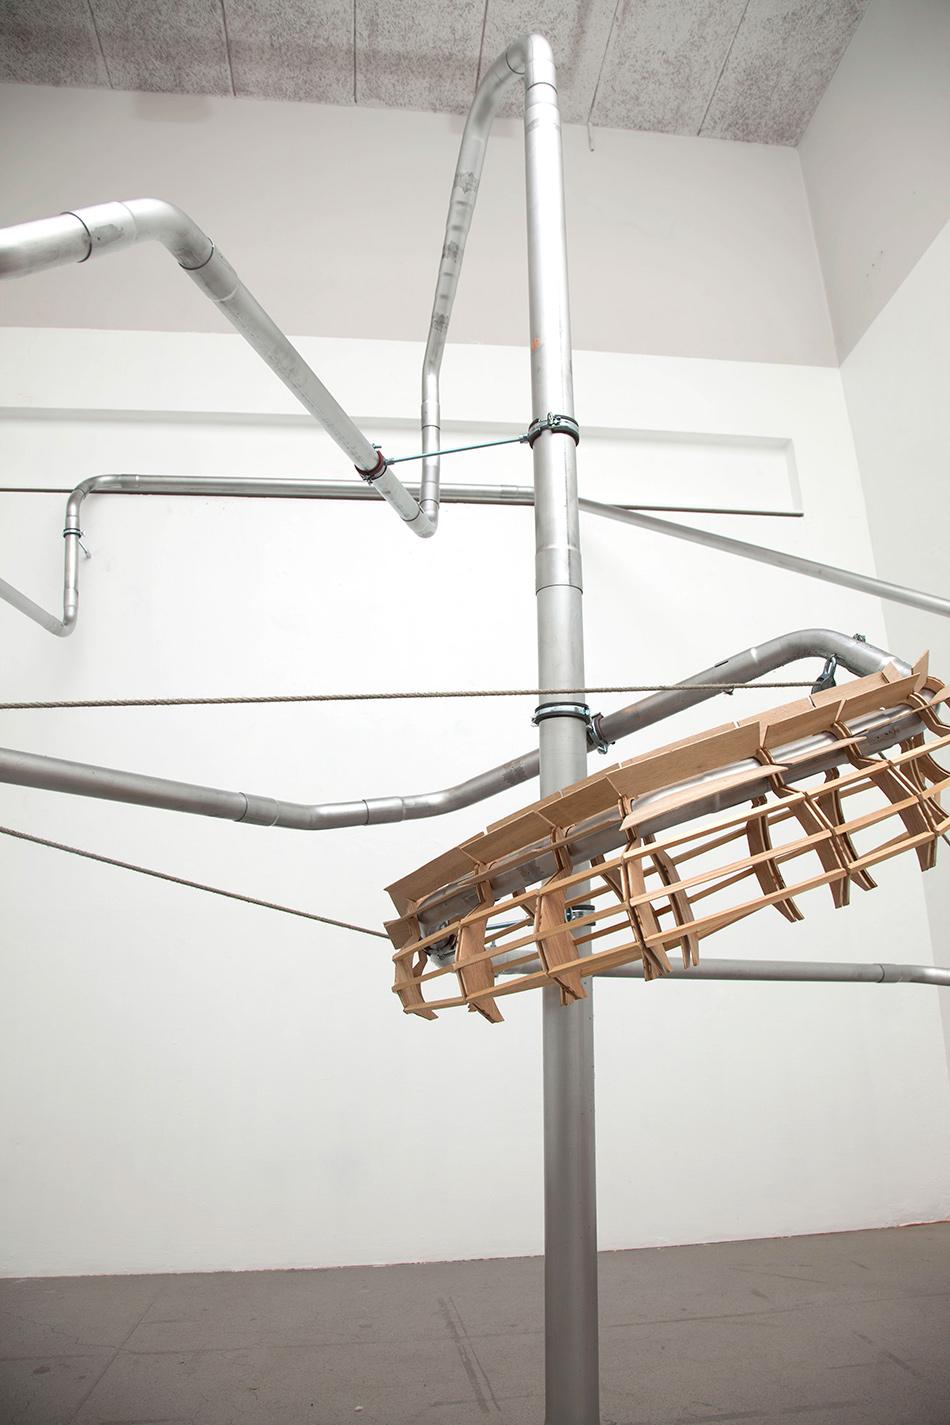 På Trafo kunsthall står utstillingen Industri frem til 7. februar 2021.